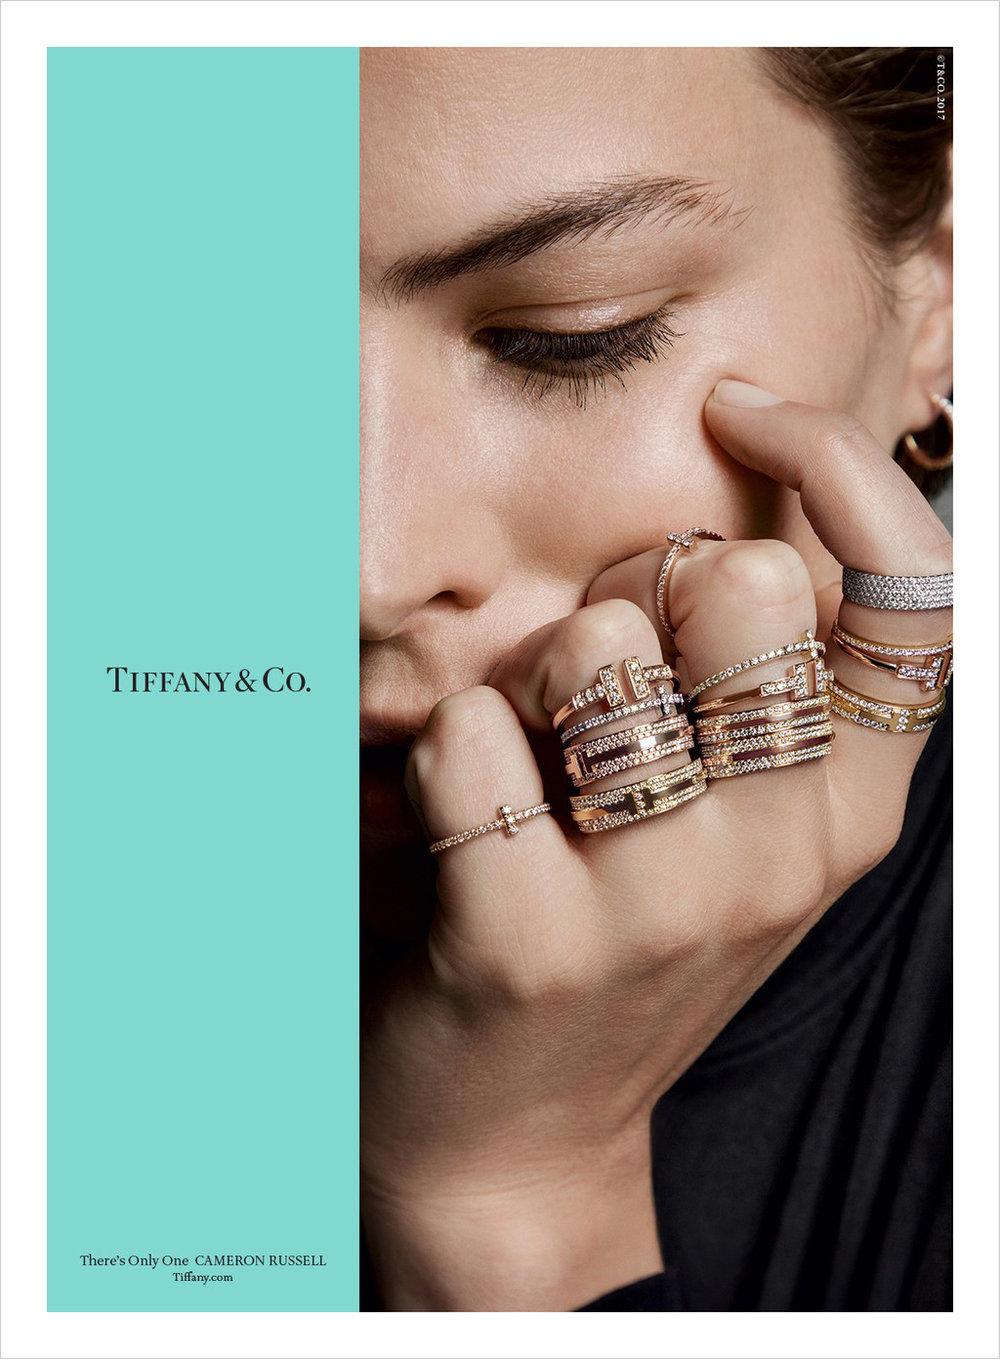 Tiffany-and-co-fall-2017-ad-campaign-the-impression-007.jpeg